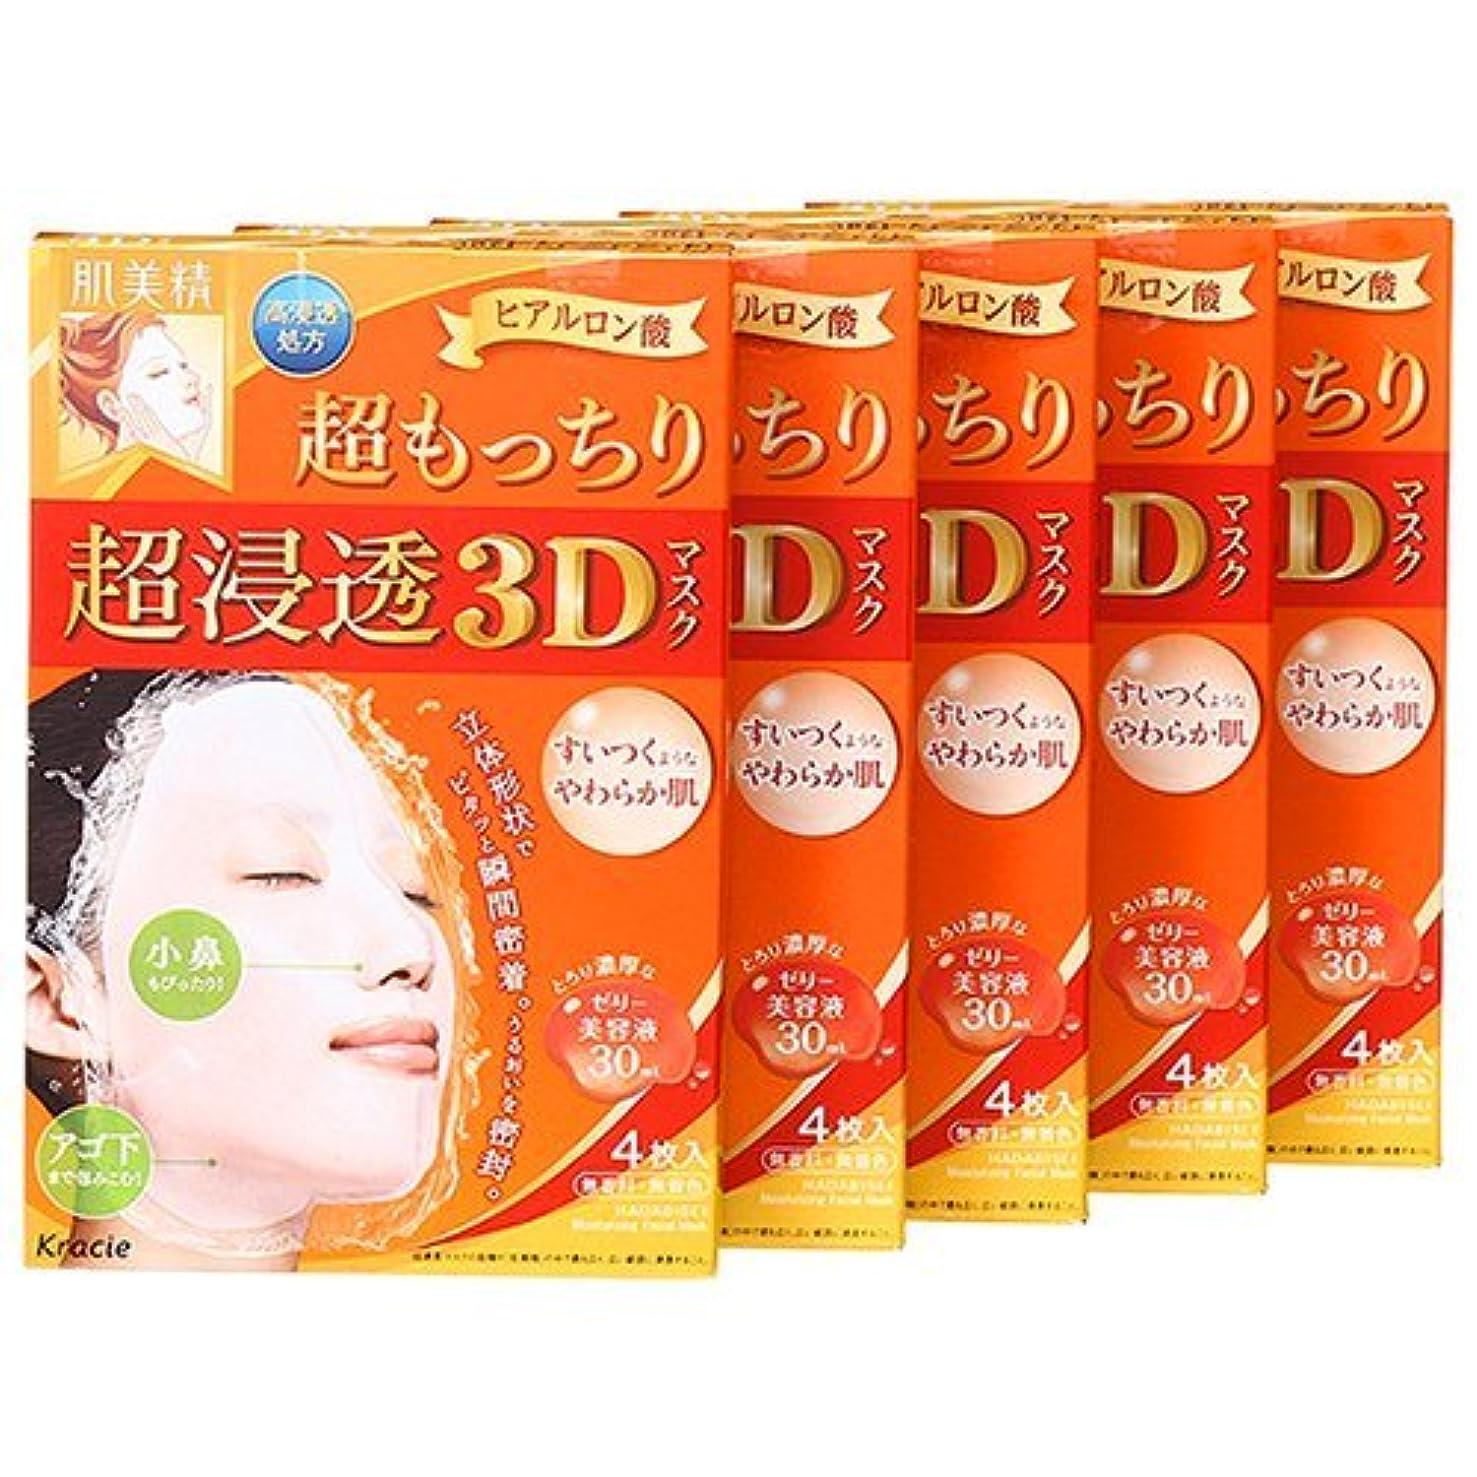 不機嫌対抗防衛クラシエホームプロダクツ 肌美精 超浸透3Dマスク 超もっちり 4枚入 (美容液30mL/1枚) 5点セット [並行輸入品]